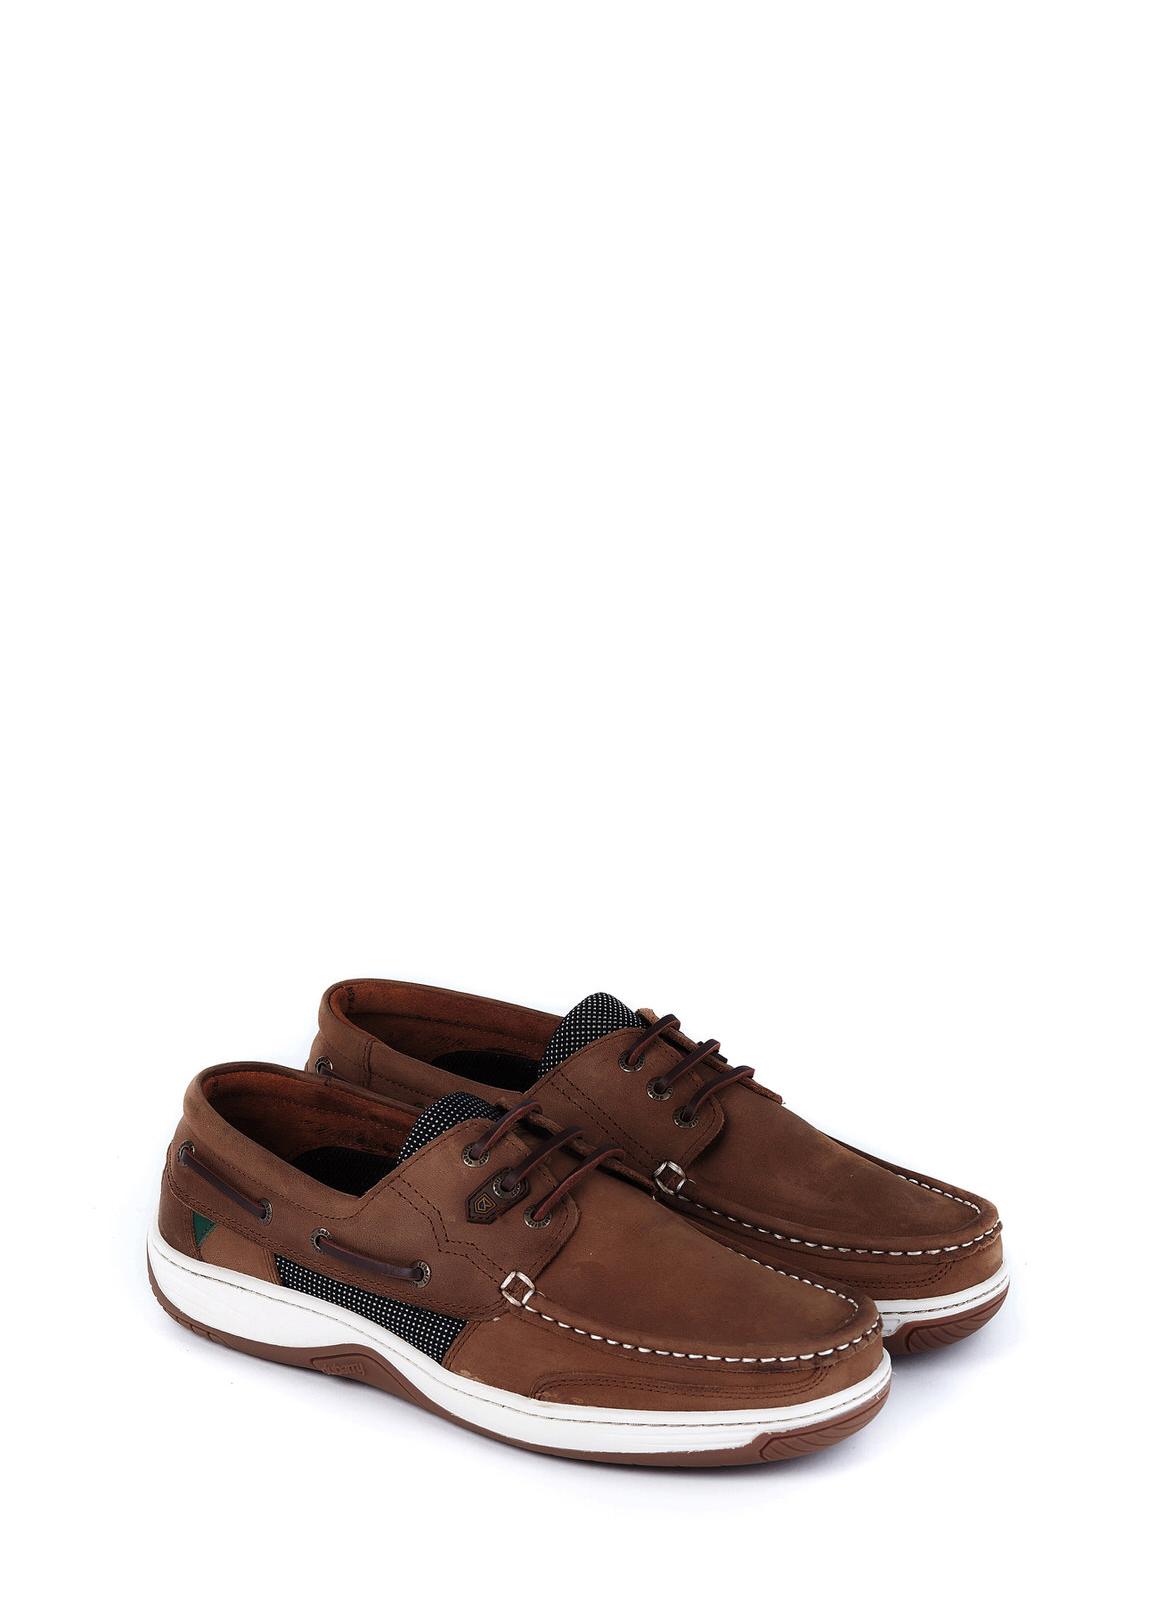 Regatta Deck Shoe - Donkey Brown